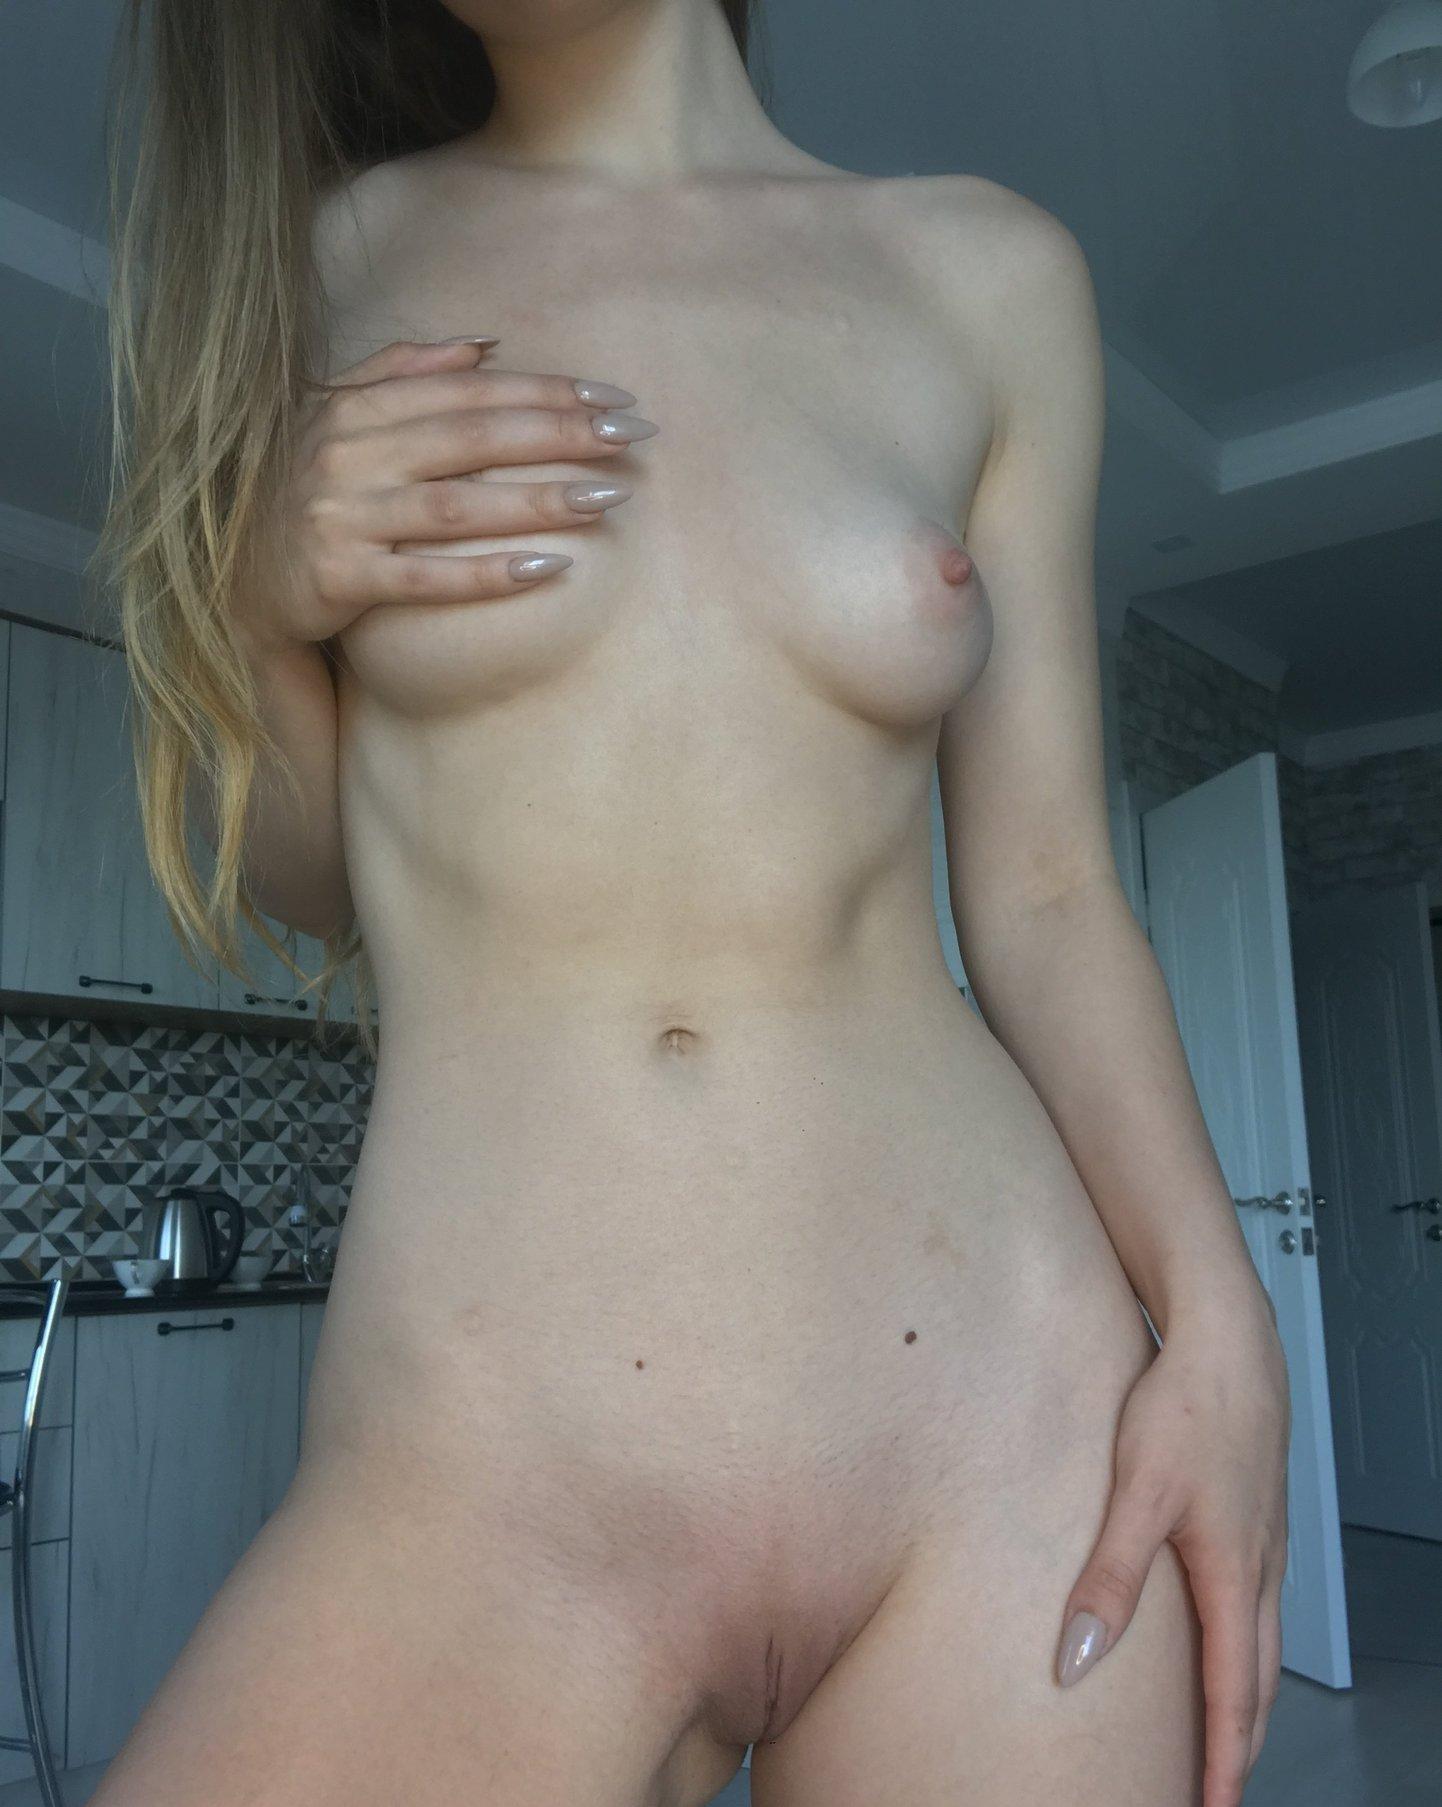 Kate Kuray Onlykatekuray Onlyfans Nude Leaks 0014